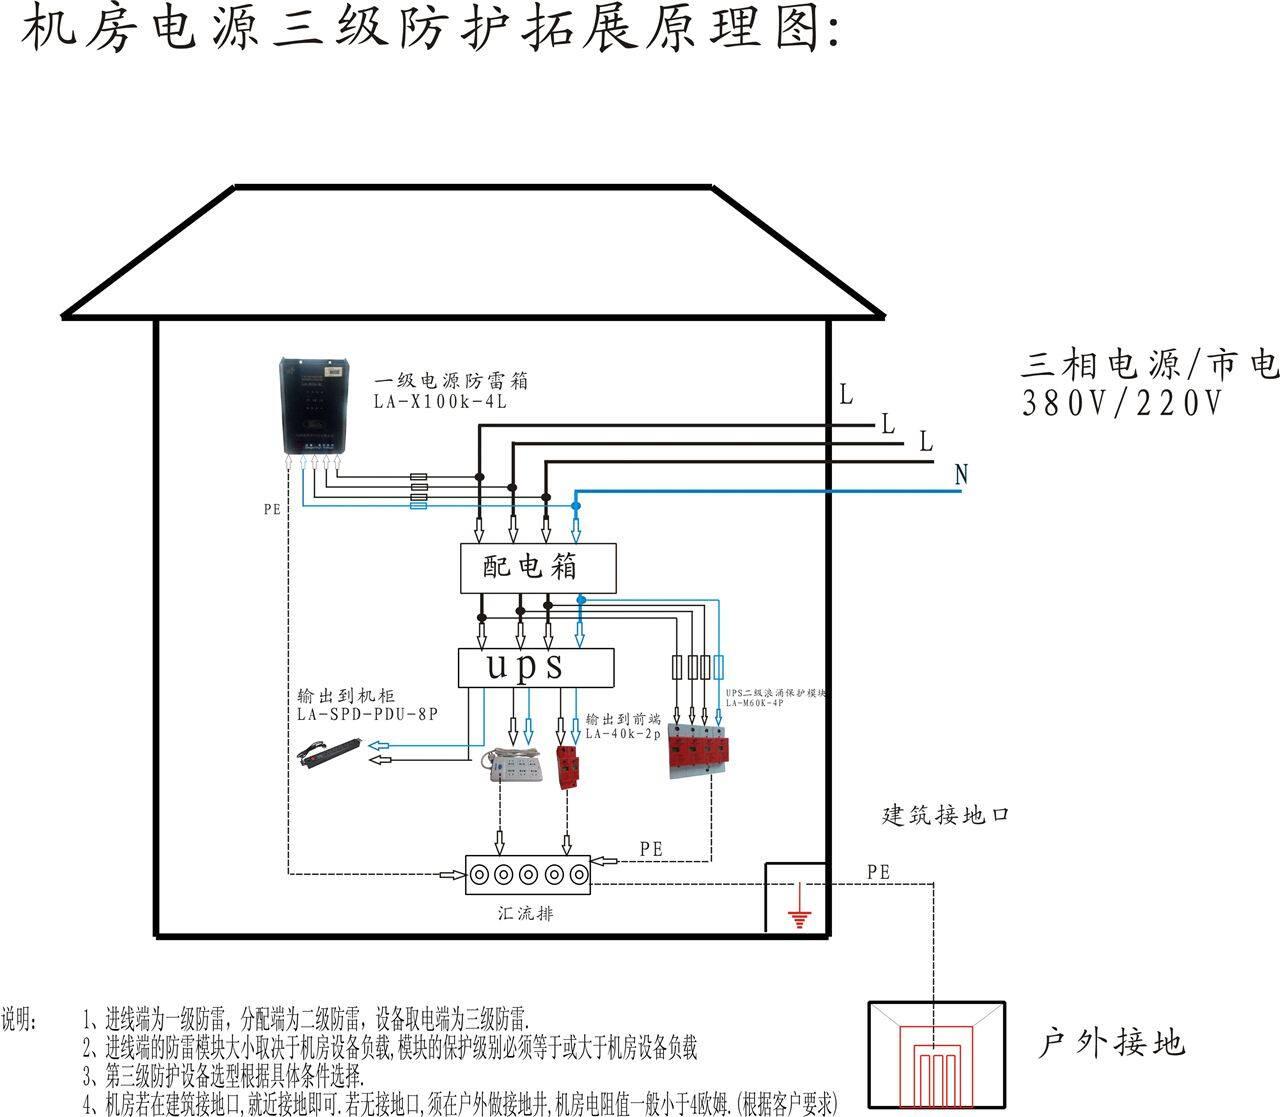 3,监控中心机房ups电源分配端,(空调,电视墙,照明)220v分支主线上